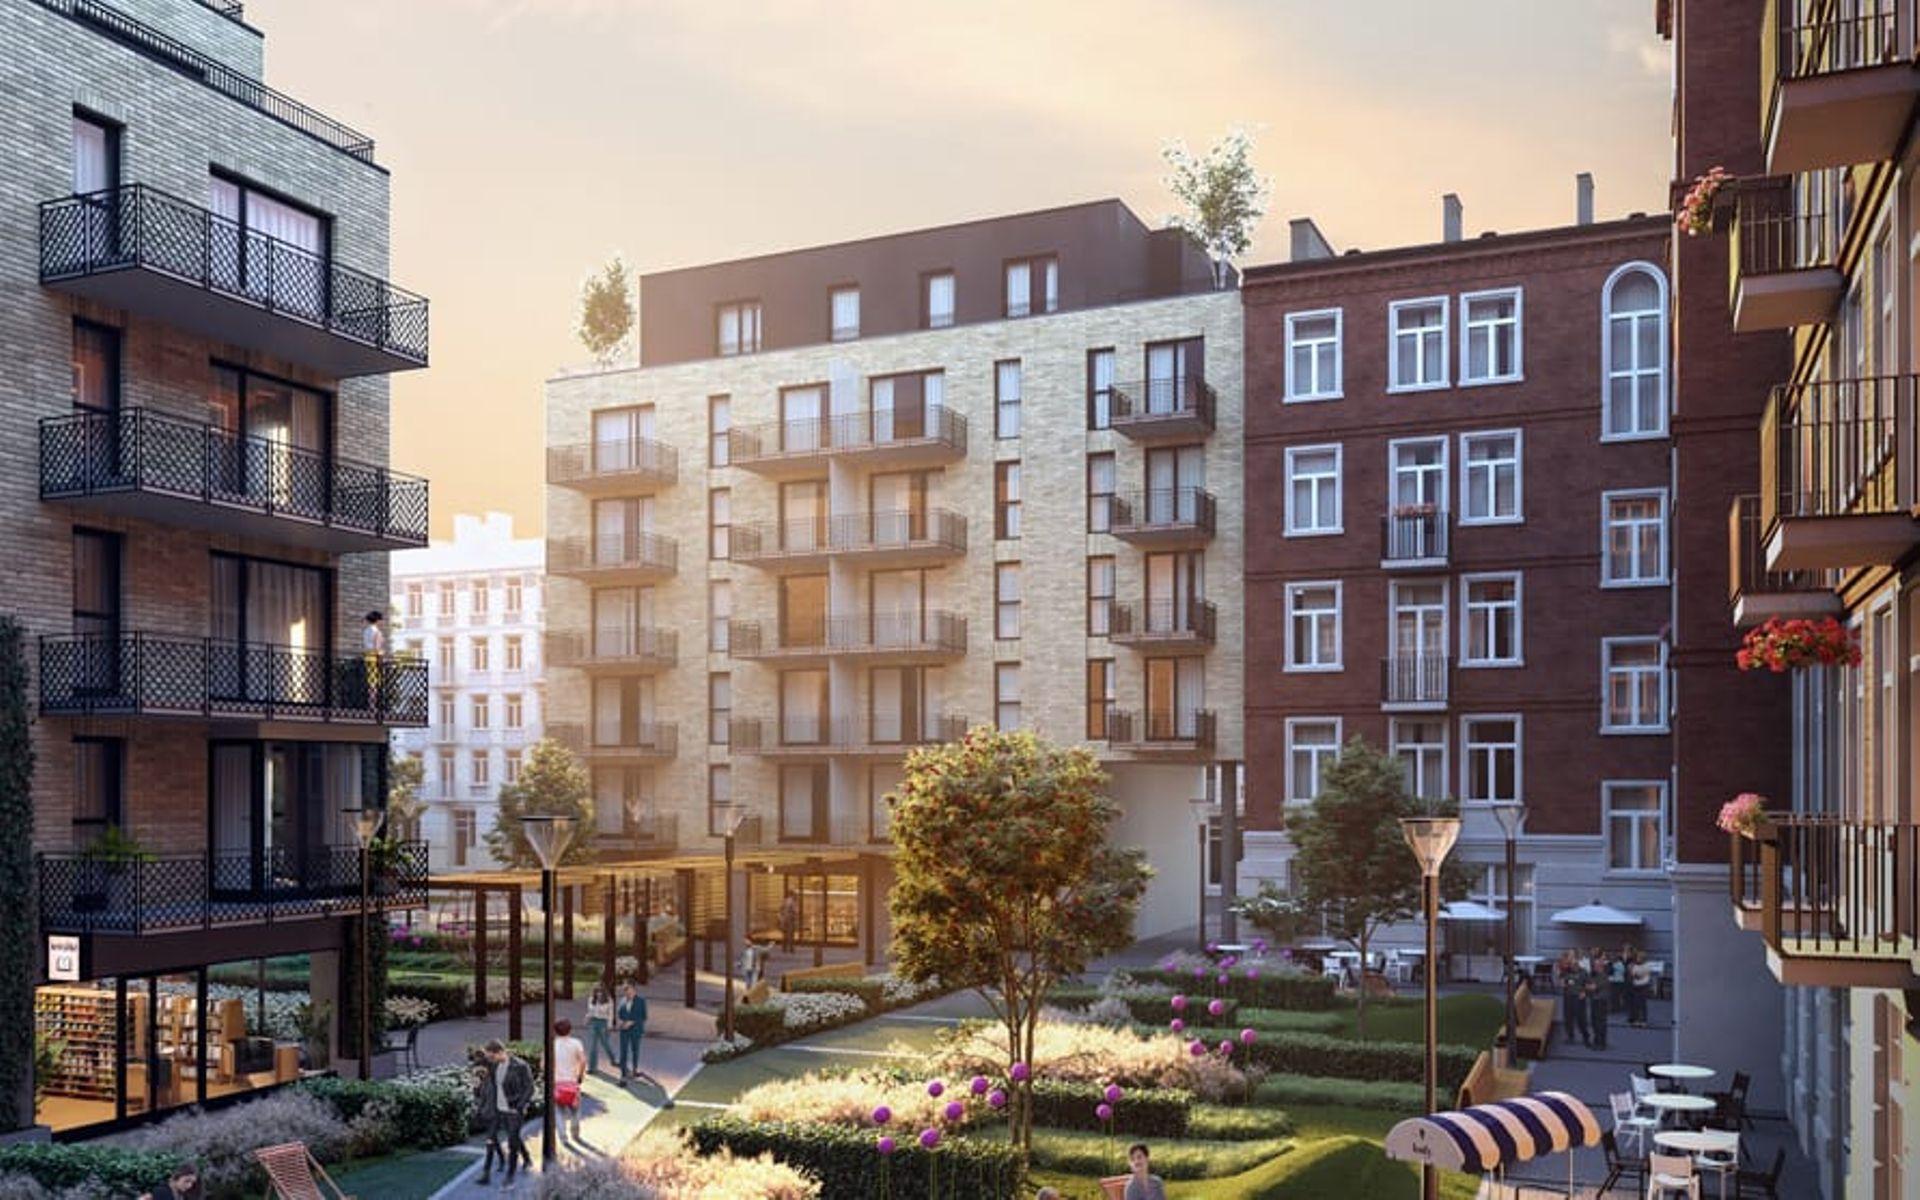 [Warszawa] Budowa osiedla Stalowa 39 w Warszawie rozpoczęta